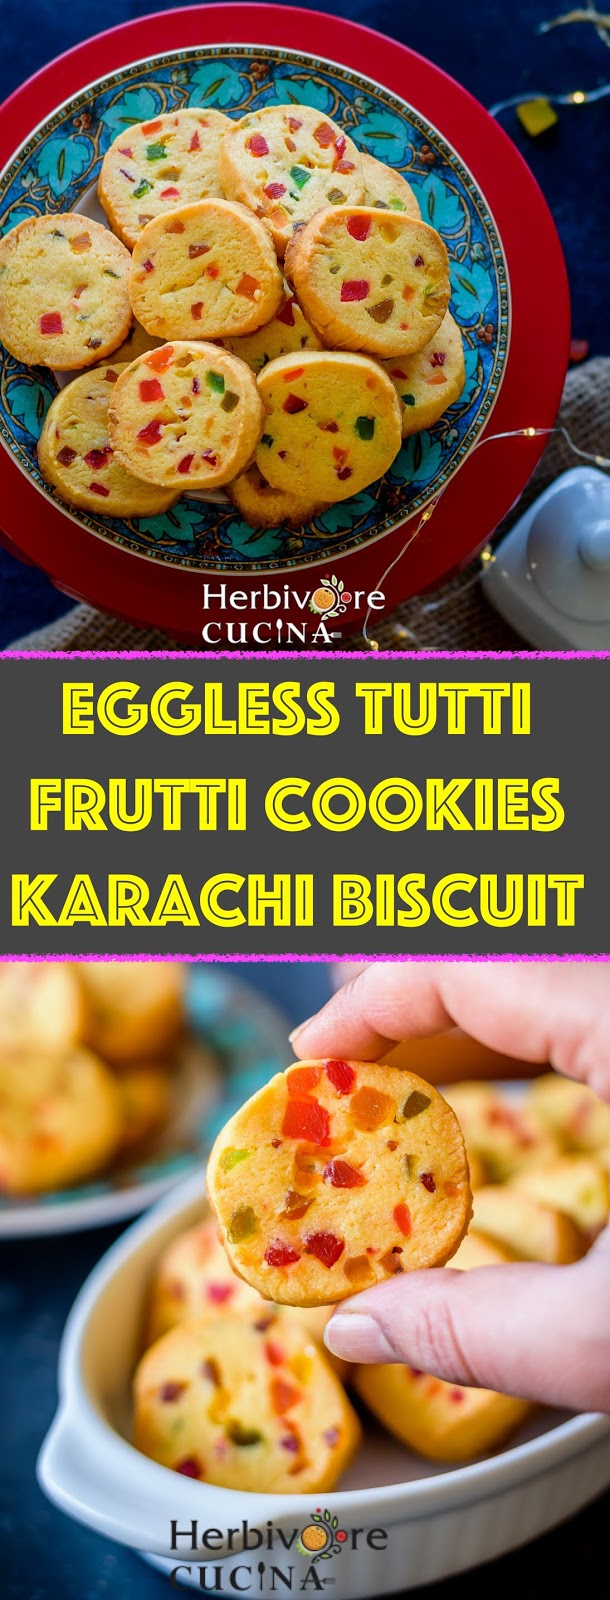 Eggless Tutti Frutti Cookies | Karachi Biscuits